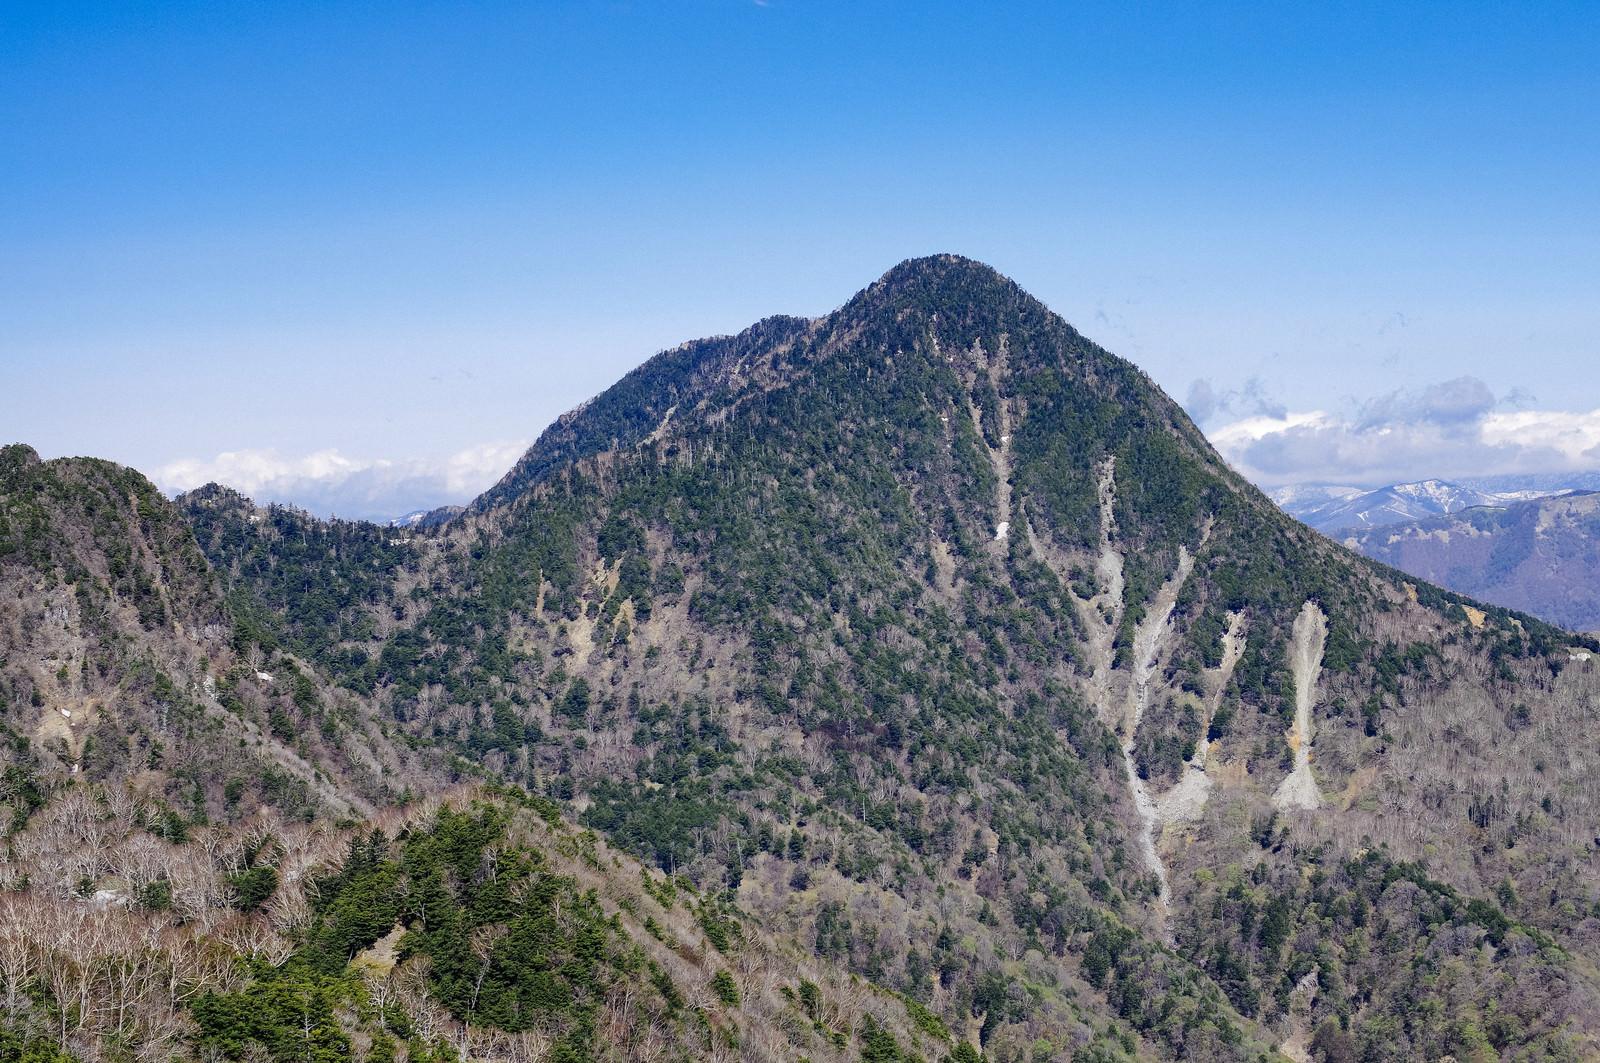 「庚申山山頂から見る皇海山(すかいさん)」の写真